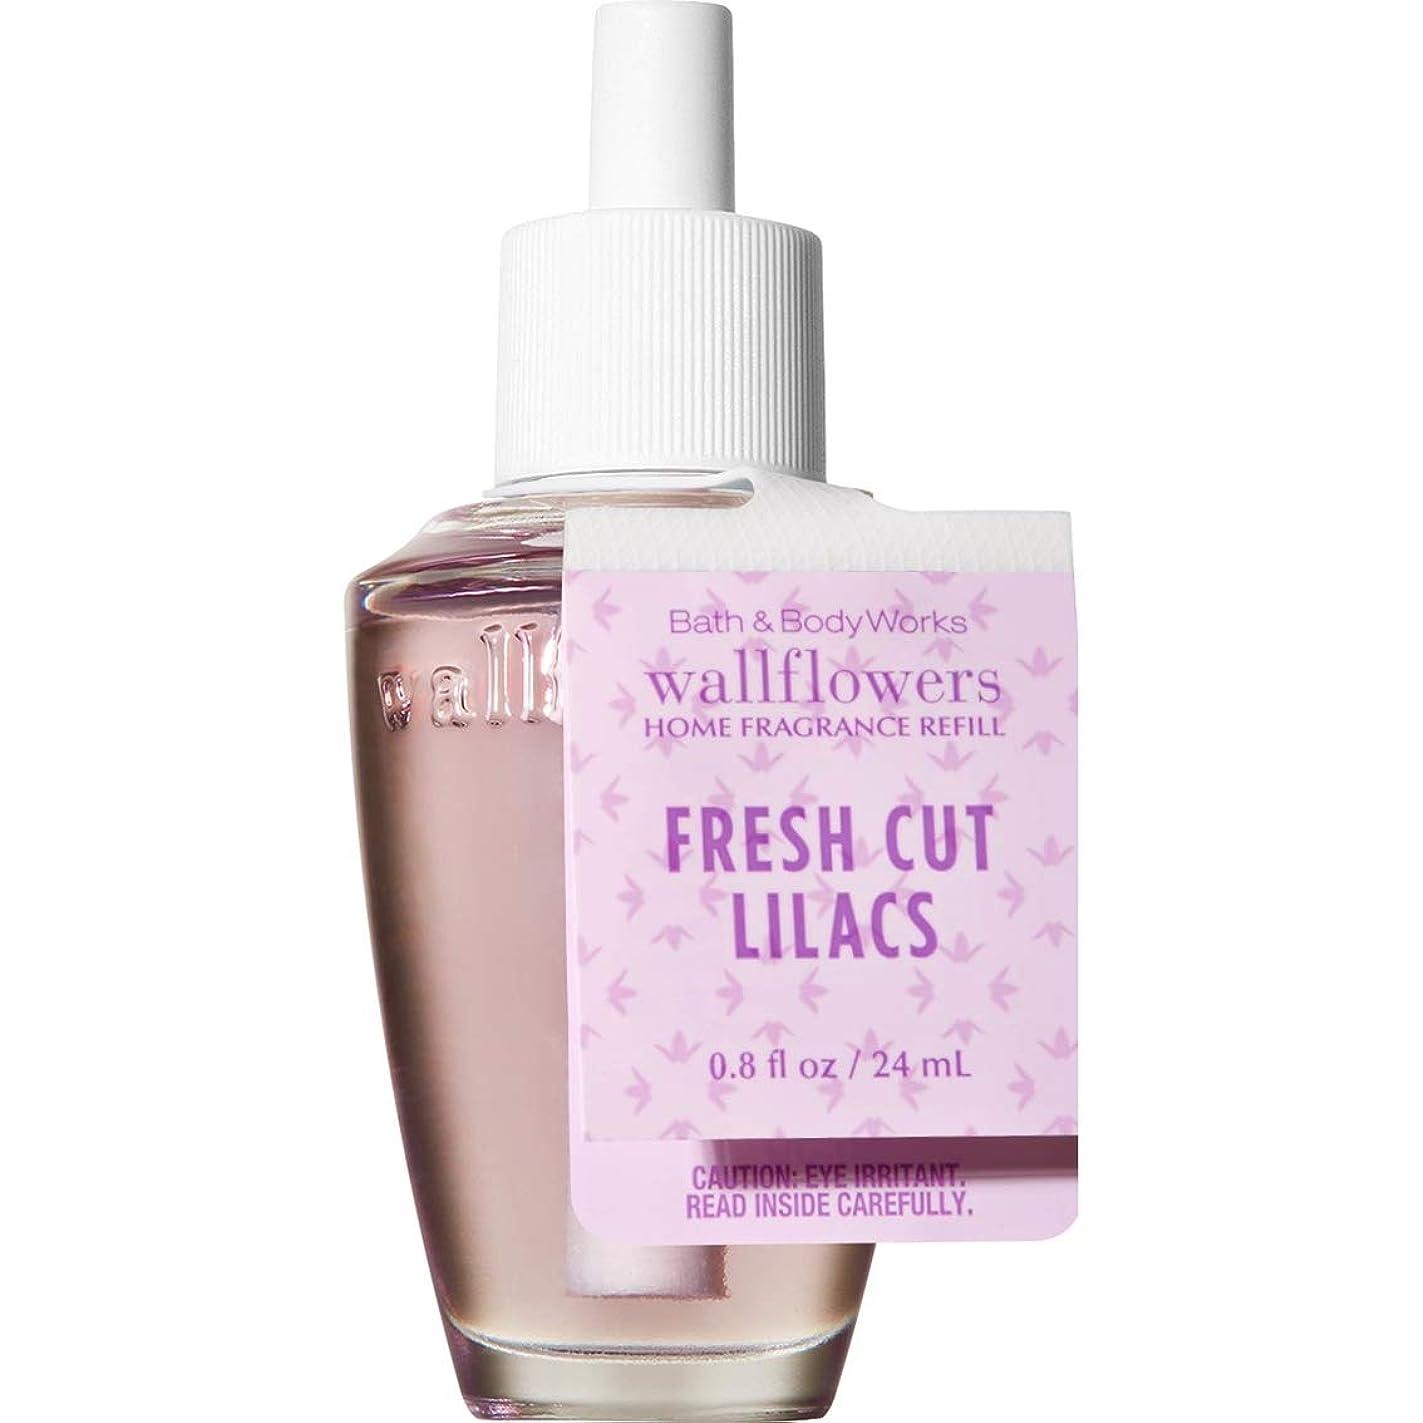 突破口亡命露【Bath&Body Works/バス&ボディワークス】 ルームフレグランス 詰替えリフィル フレッシュカットライラック Wallflowers Home Fragrance Refill Fresh Cut Lilacs [並行輸入品]